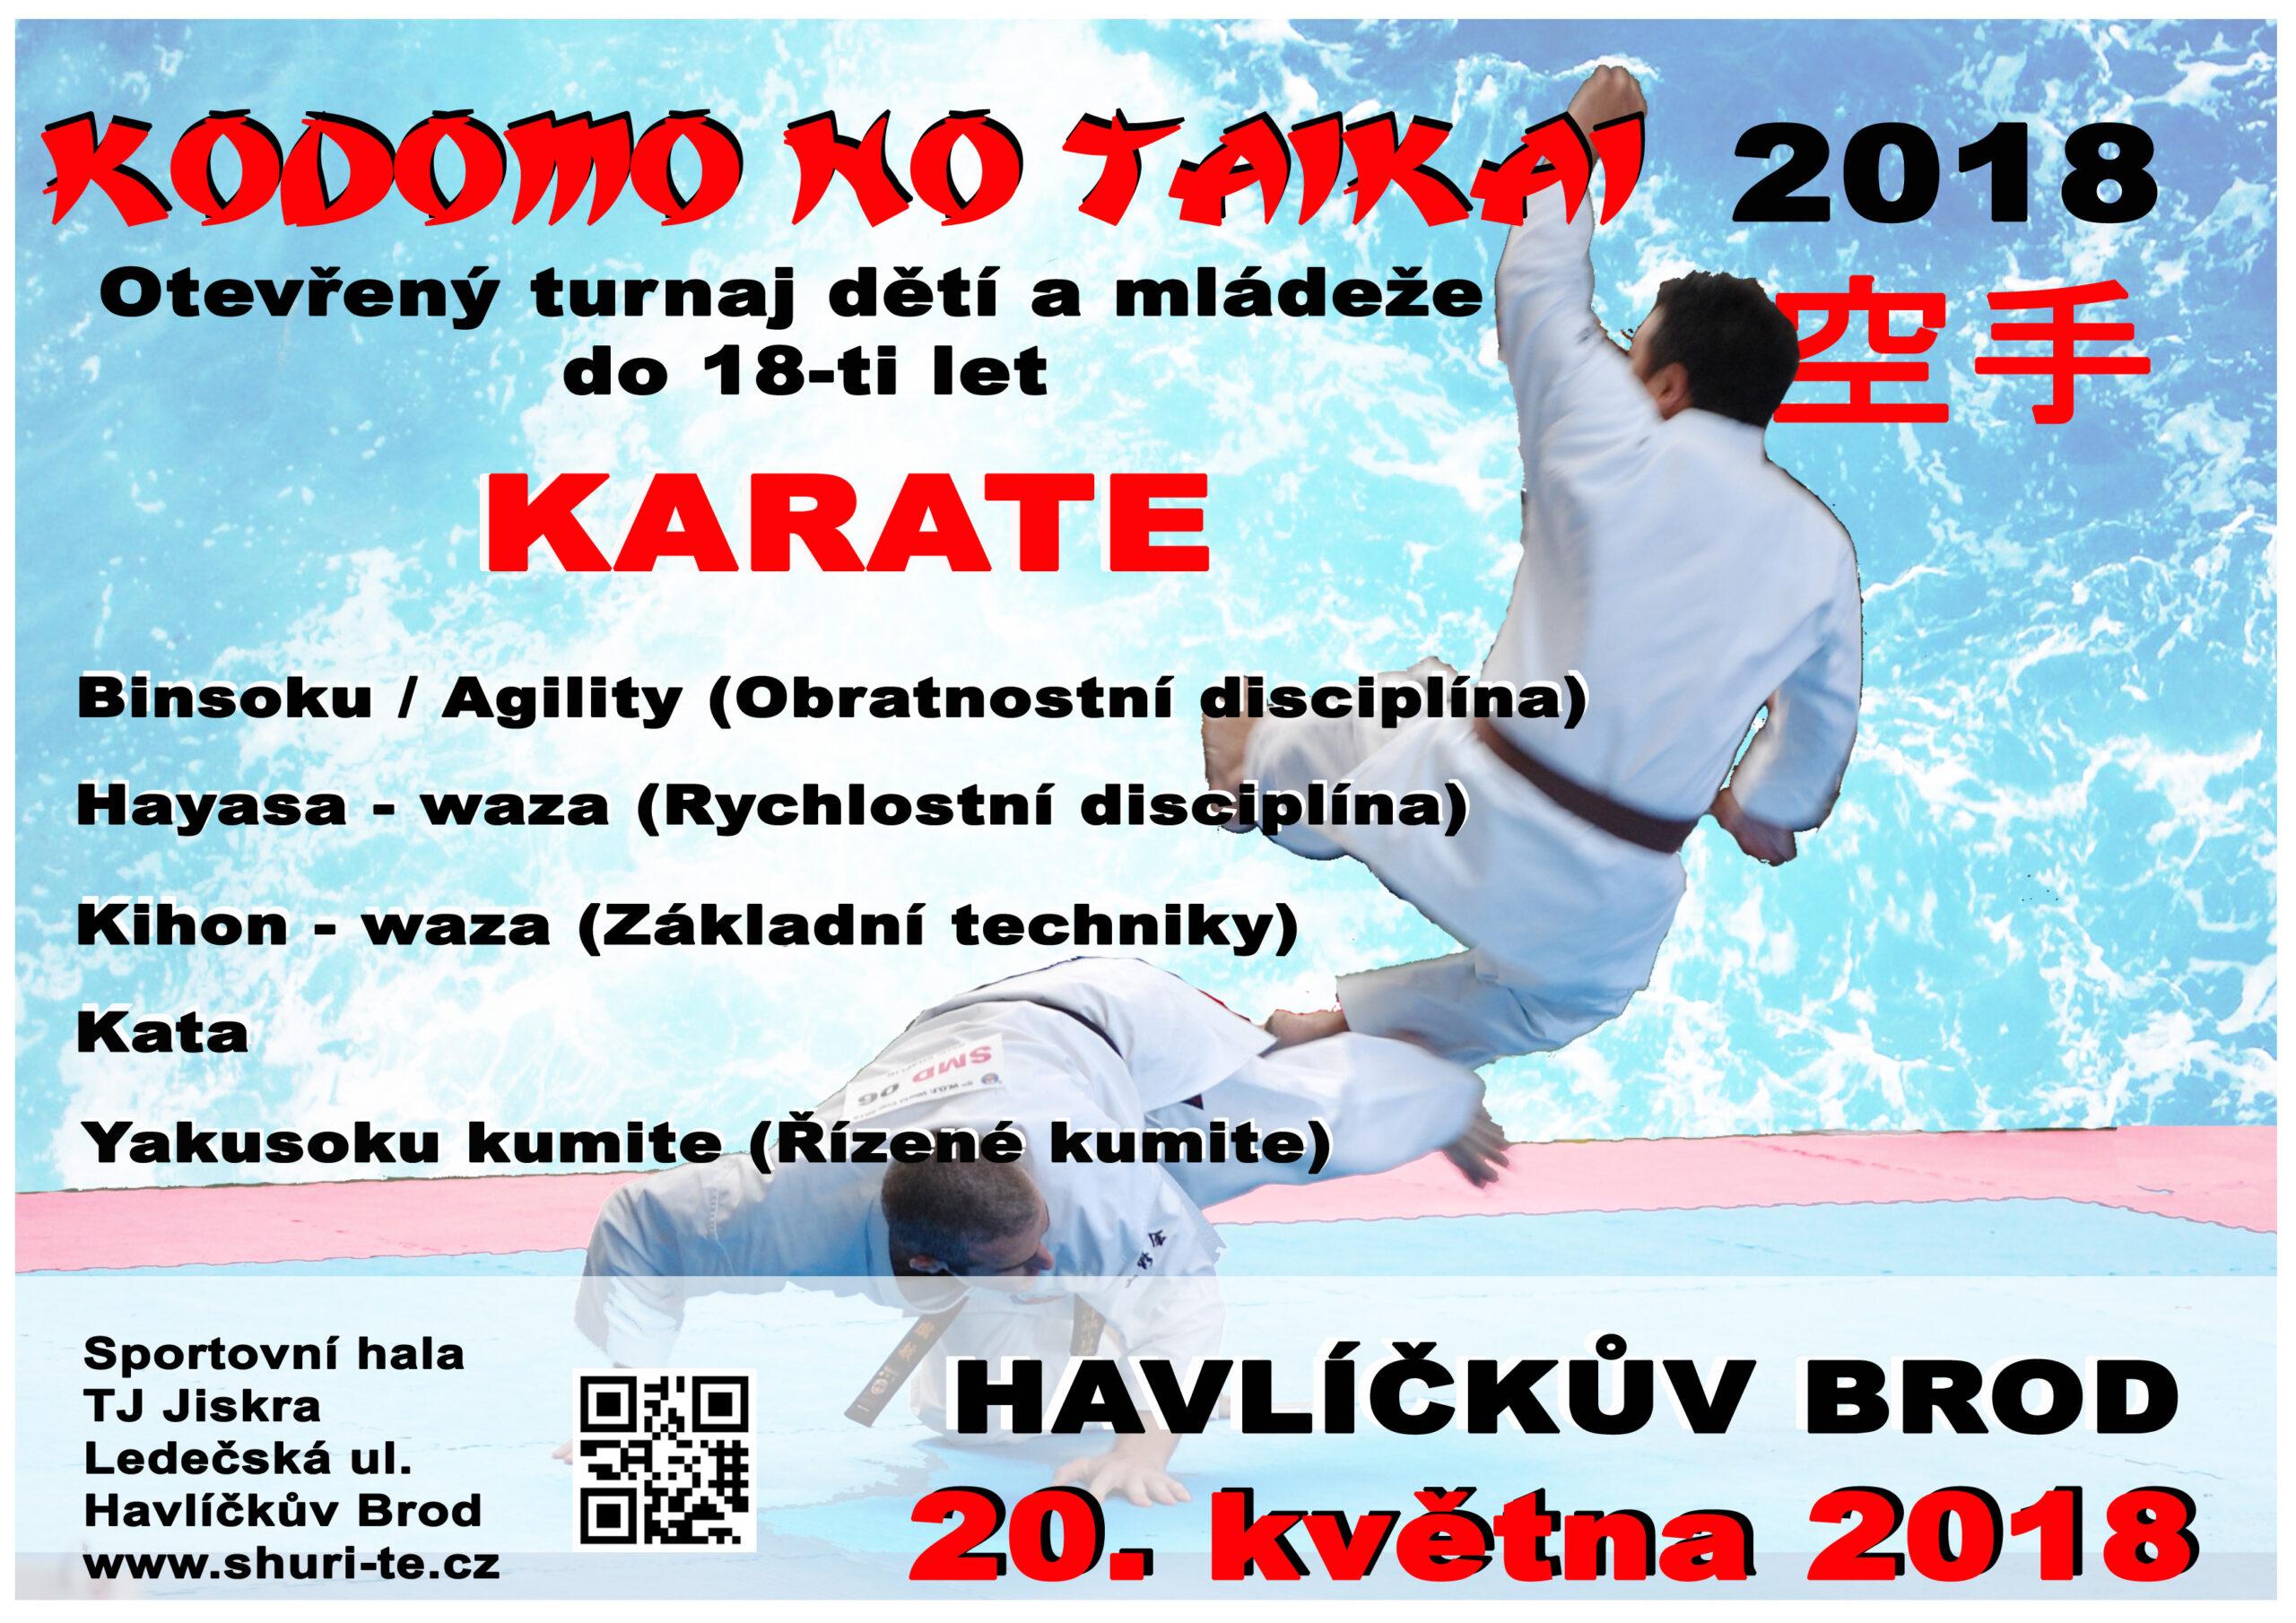 Karate Kodomo no Taikai - otevřený turnaj dětí a mládeže (20.5.2018, Havl. Brod) @ Sportovní hala TJ Jiskra HB